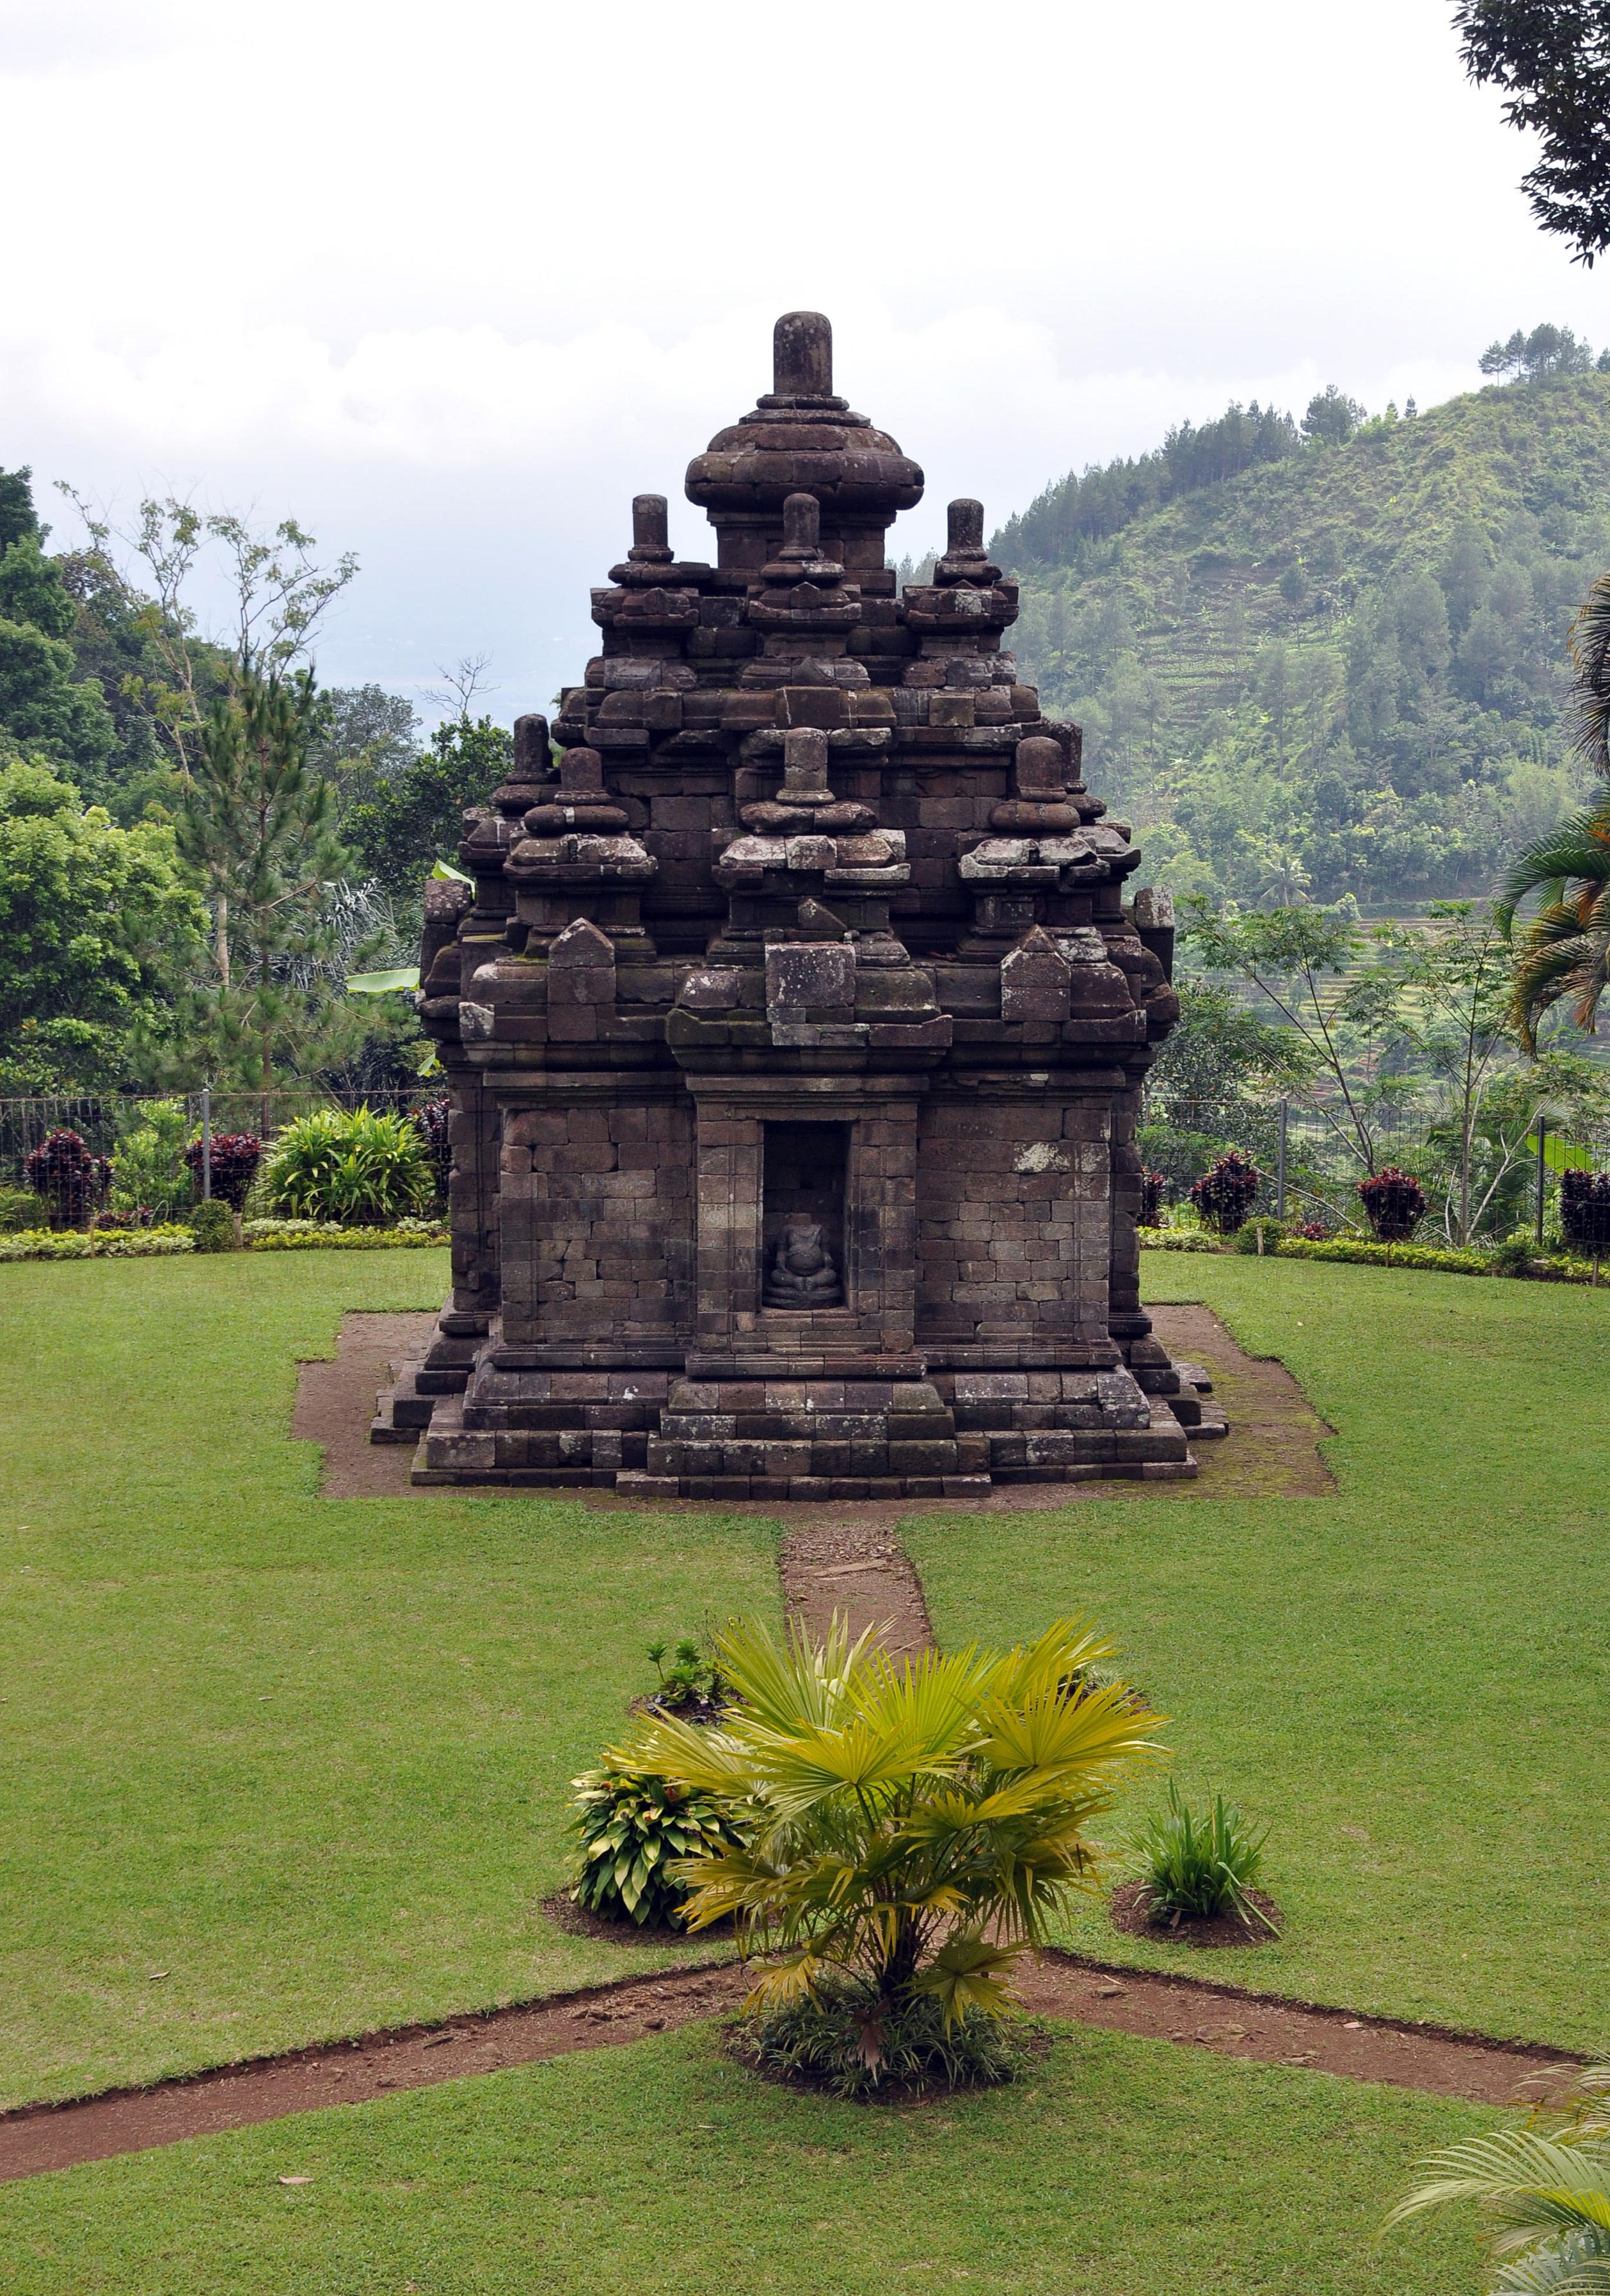 Candi Selogriyo Borobudur Relief 08 Kab Magelang